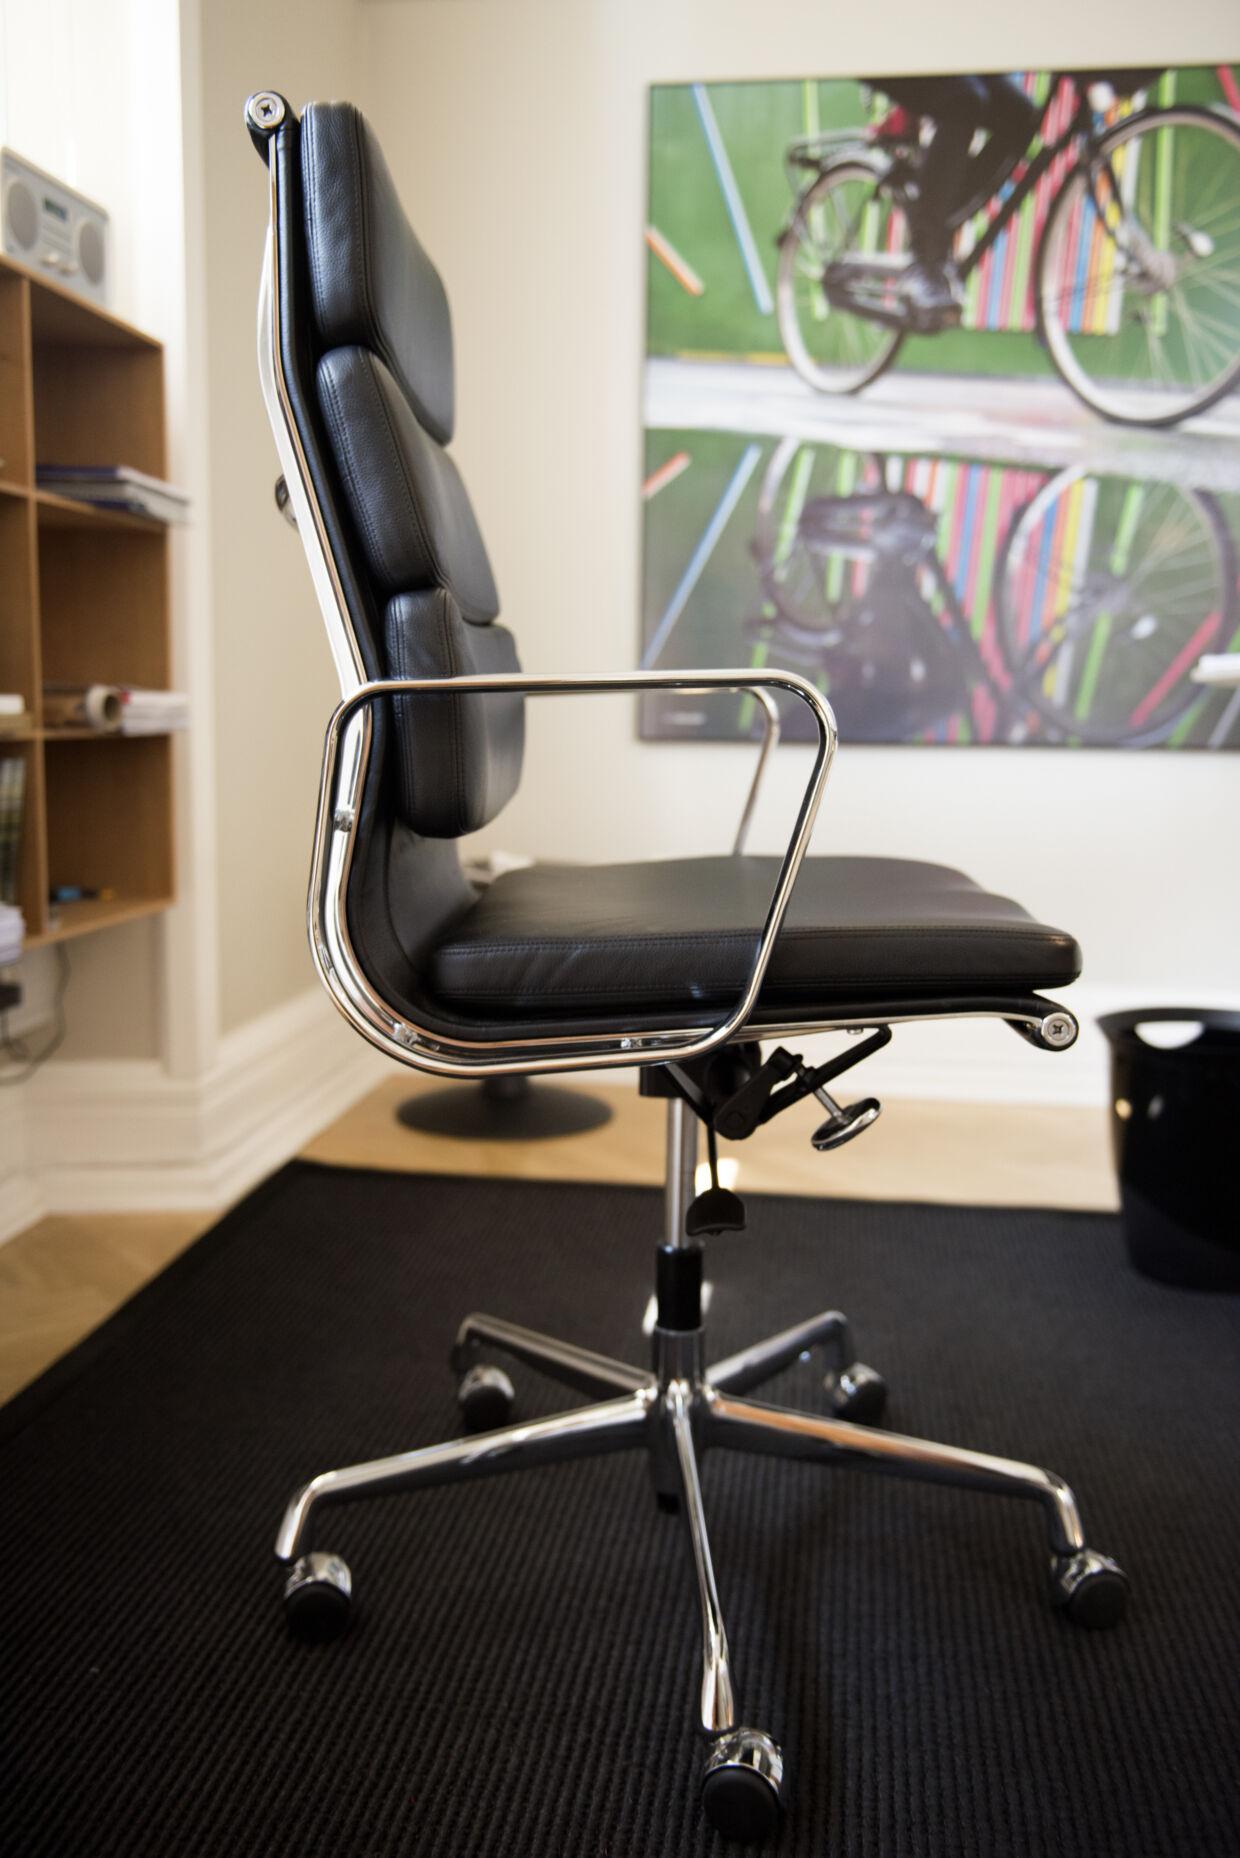 Morten Kabell gjorde det klart, at det er vigtigt at sidde godt. Her er hans Eames-stol til 14.996 kr.